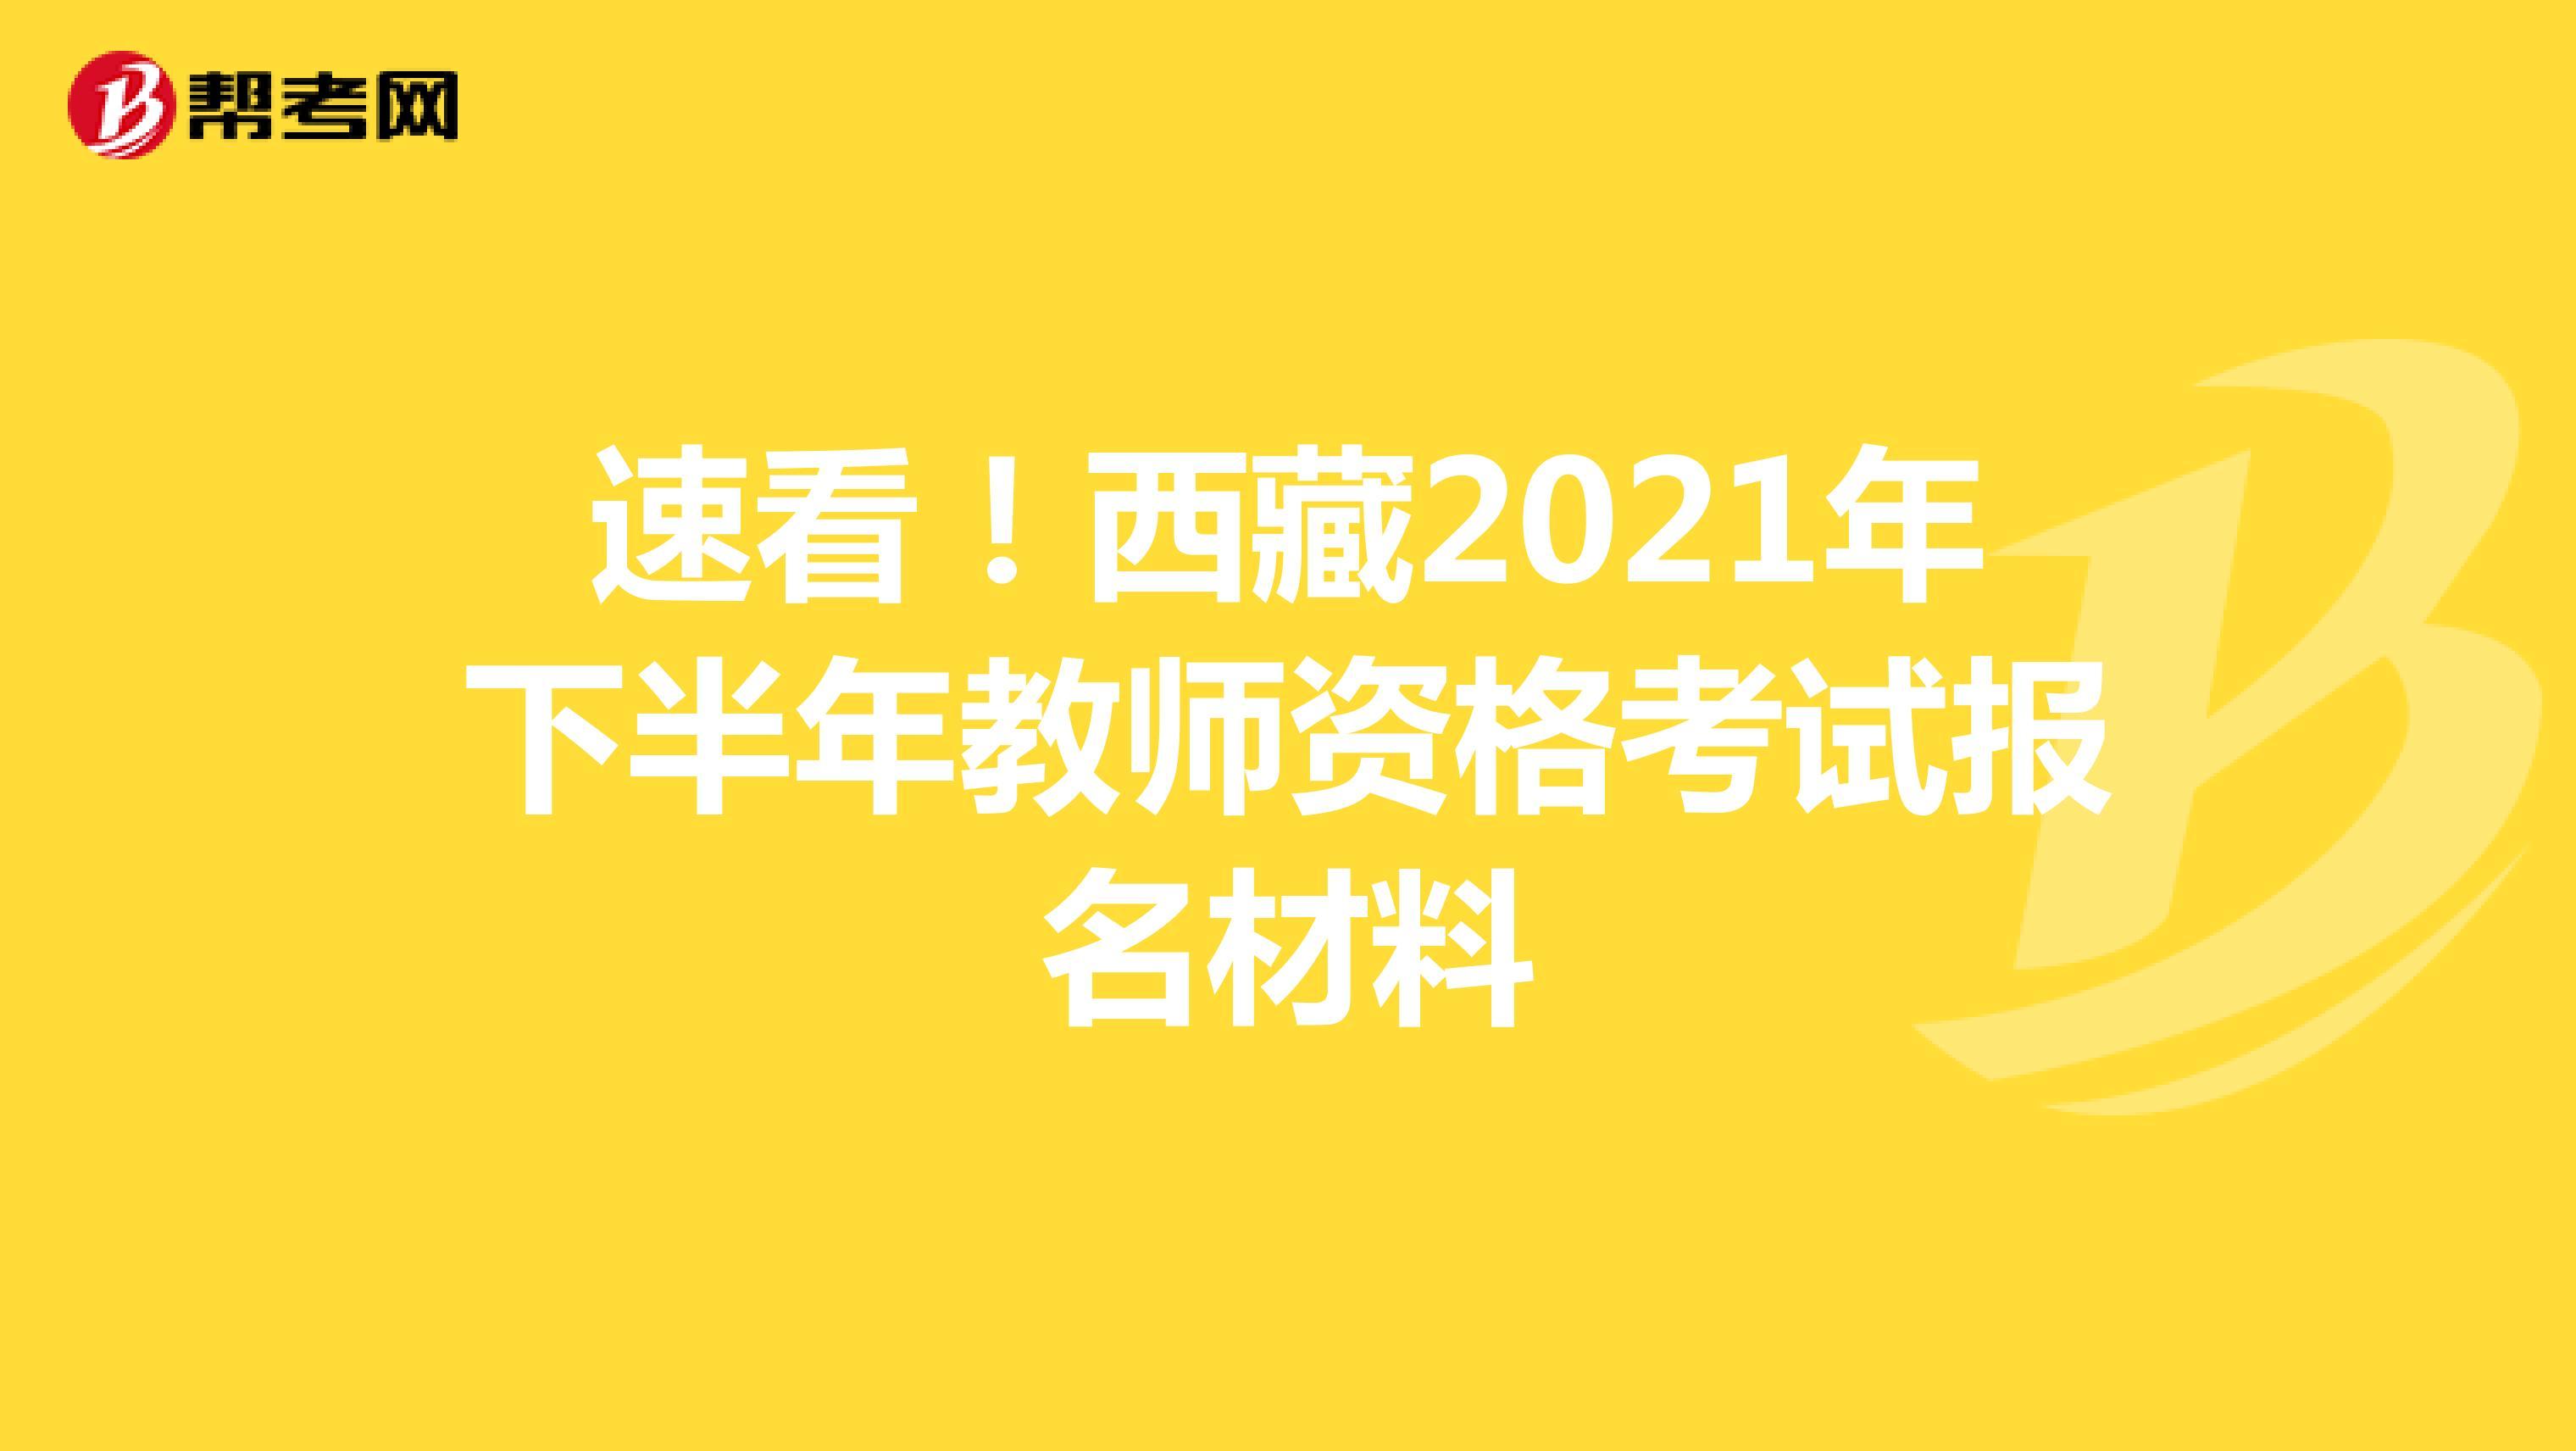 速看!西藏2021年下半年教师资格考试报名材料